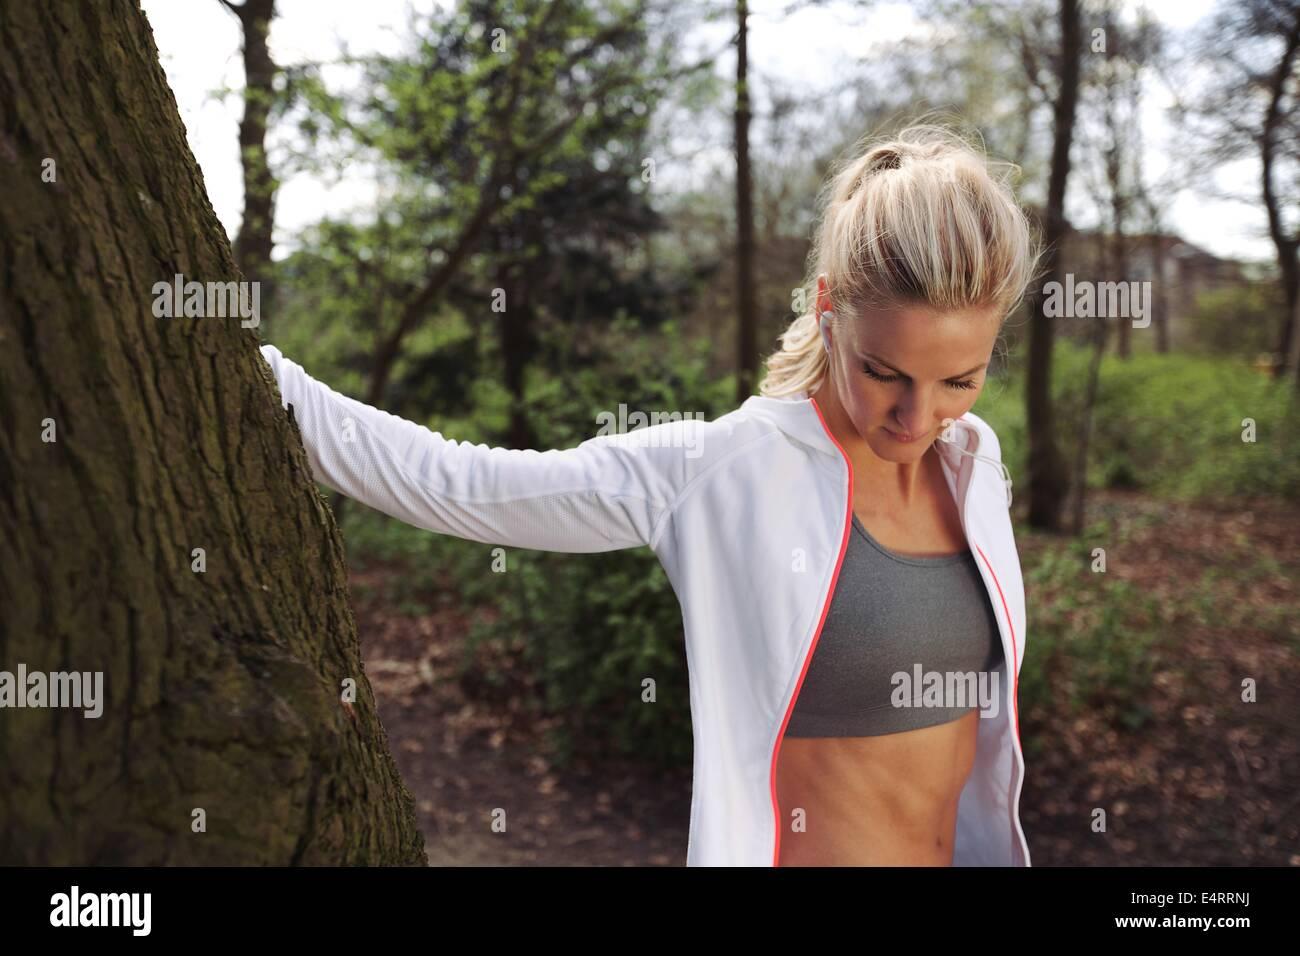 Schöne junge Frau, die nach dem Joggen in einem Park von einem Baum ausruhen. Passen Sie weiblichen Athleten Stockbild